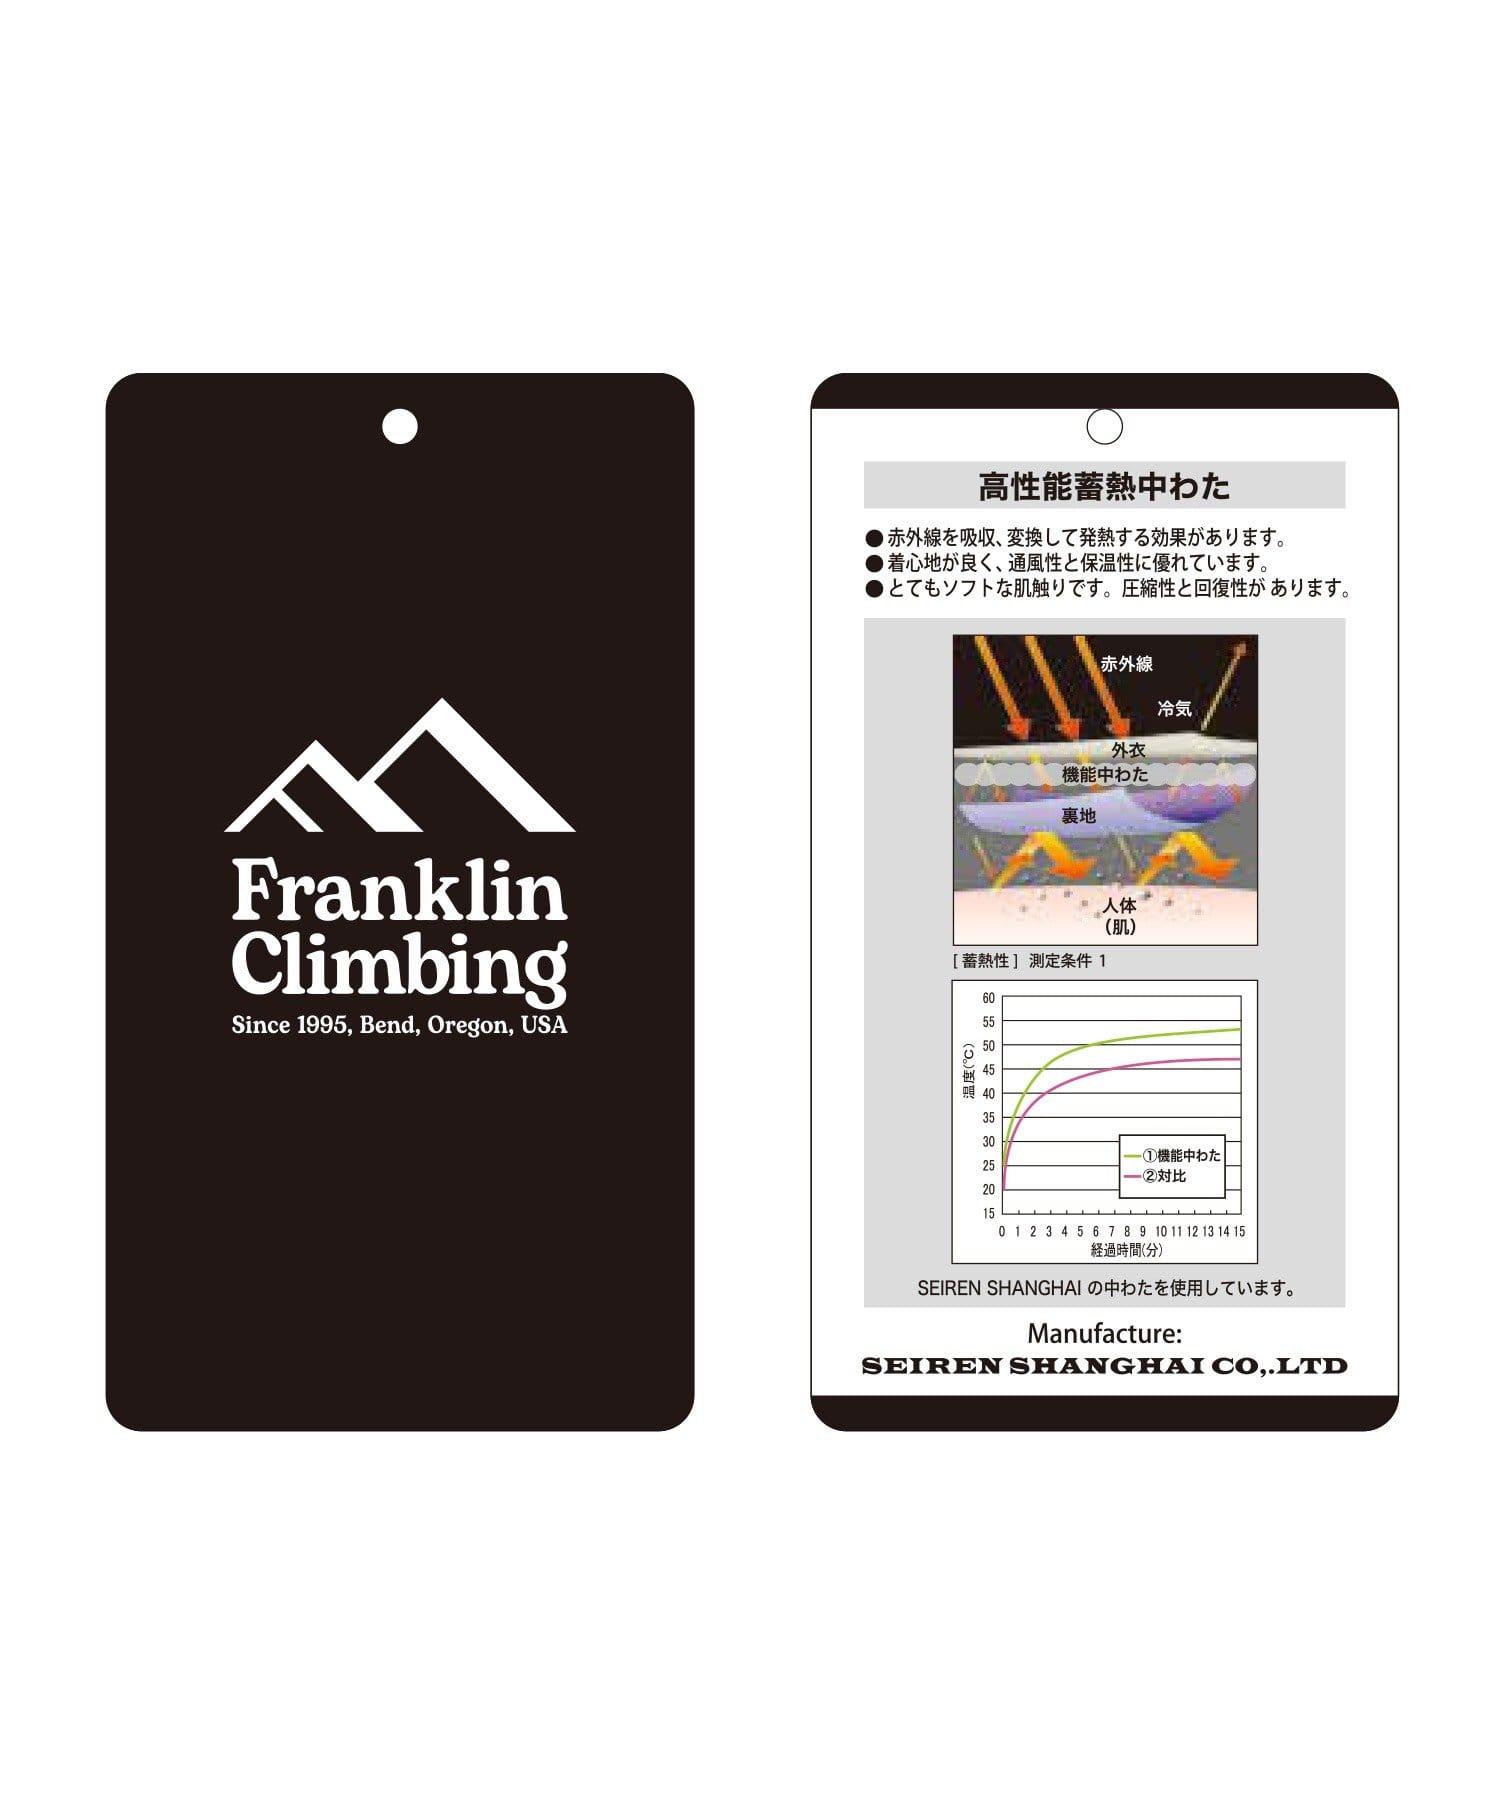 CIAOPANIC TYPY(チャオパニックティピー) 【Franklin Climbing】モンスターパーカー